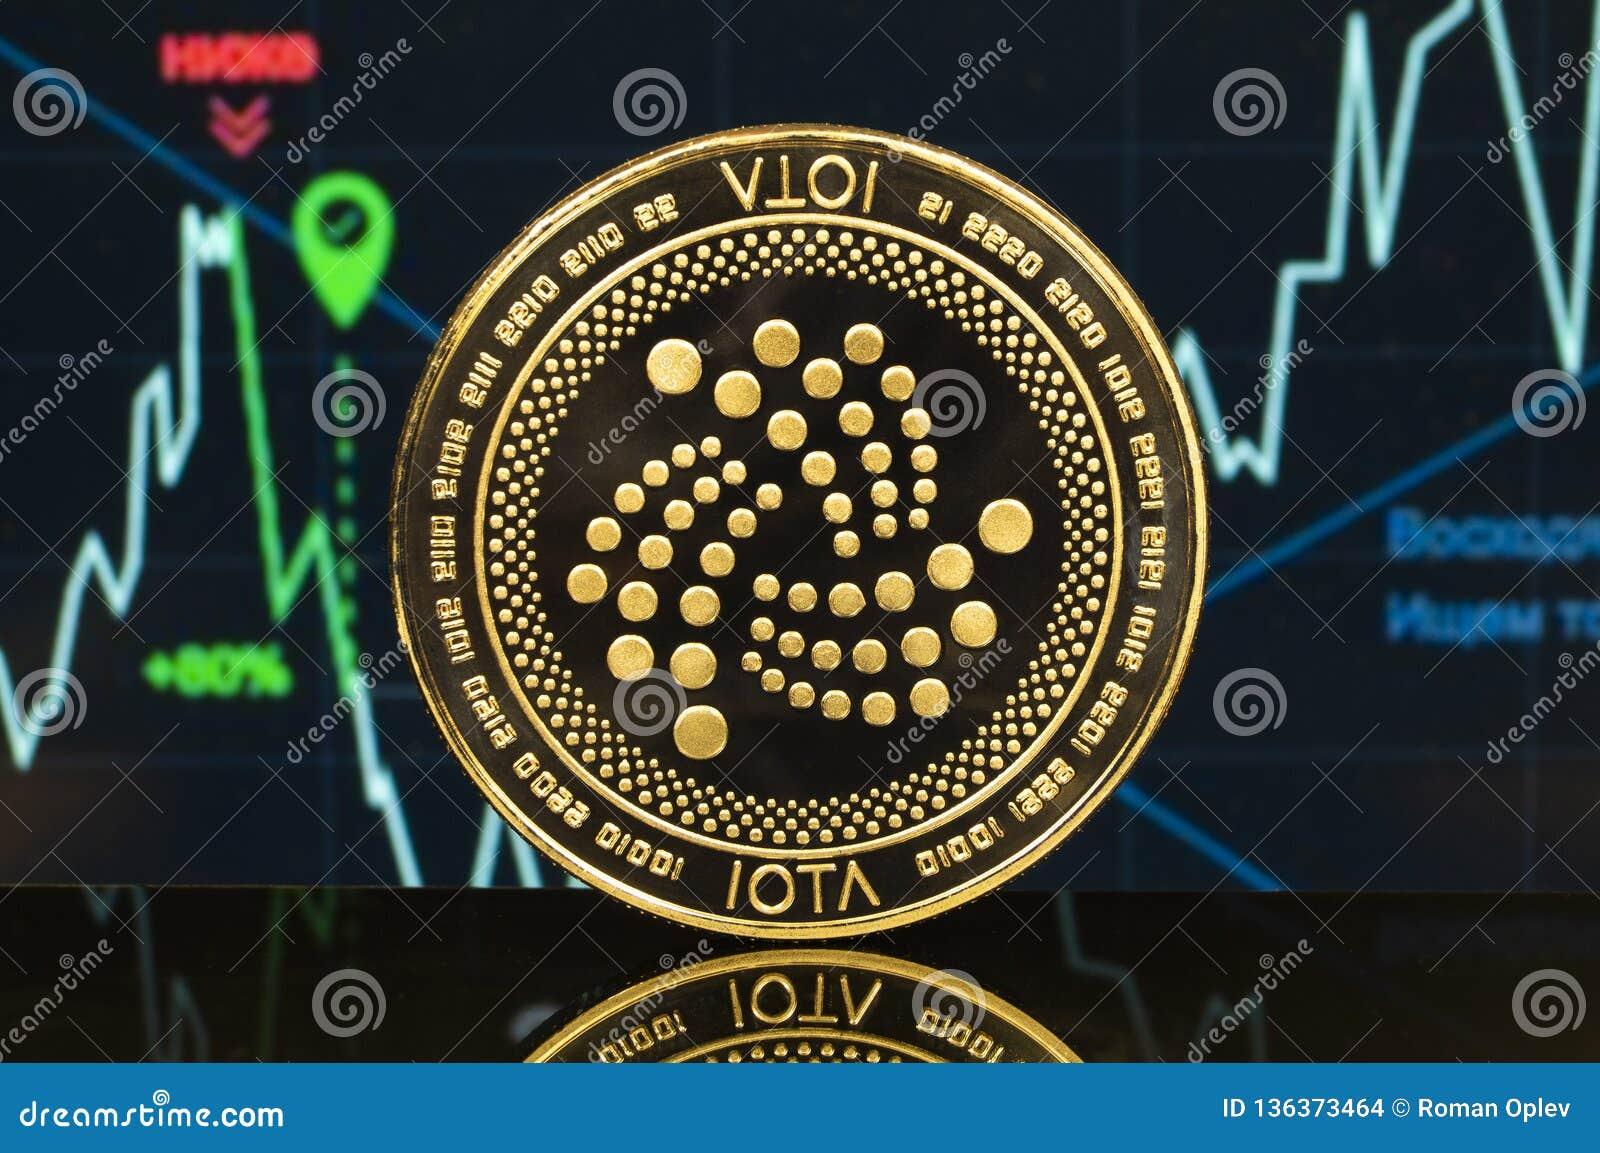 Jota is een moderne manier van uitwisseling en deze crypto munt